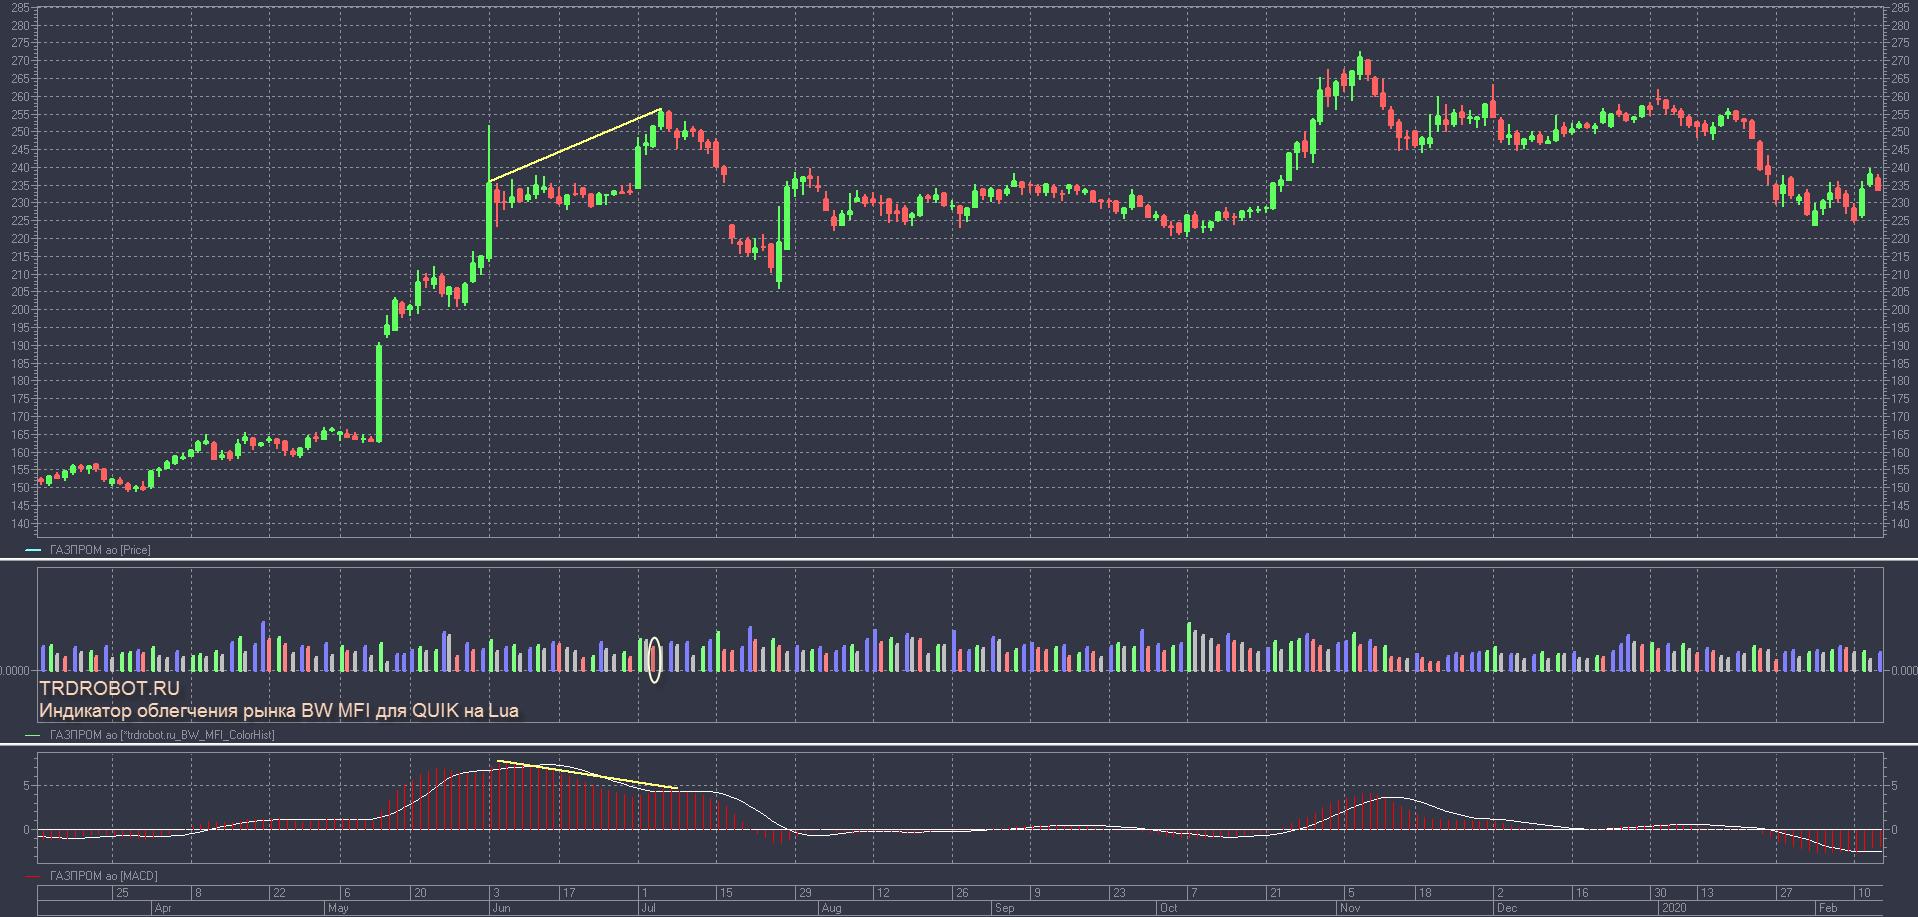 Индикатор облегчения рынка BW MFI для QUIK на Lua